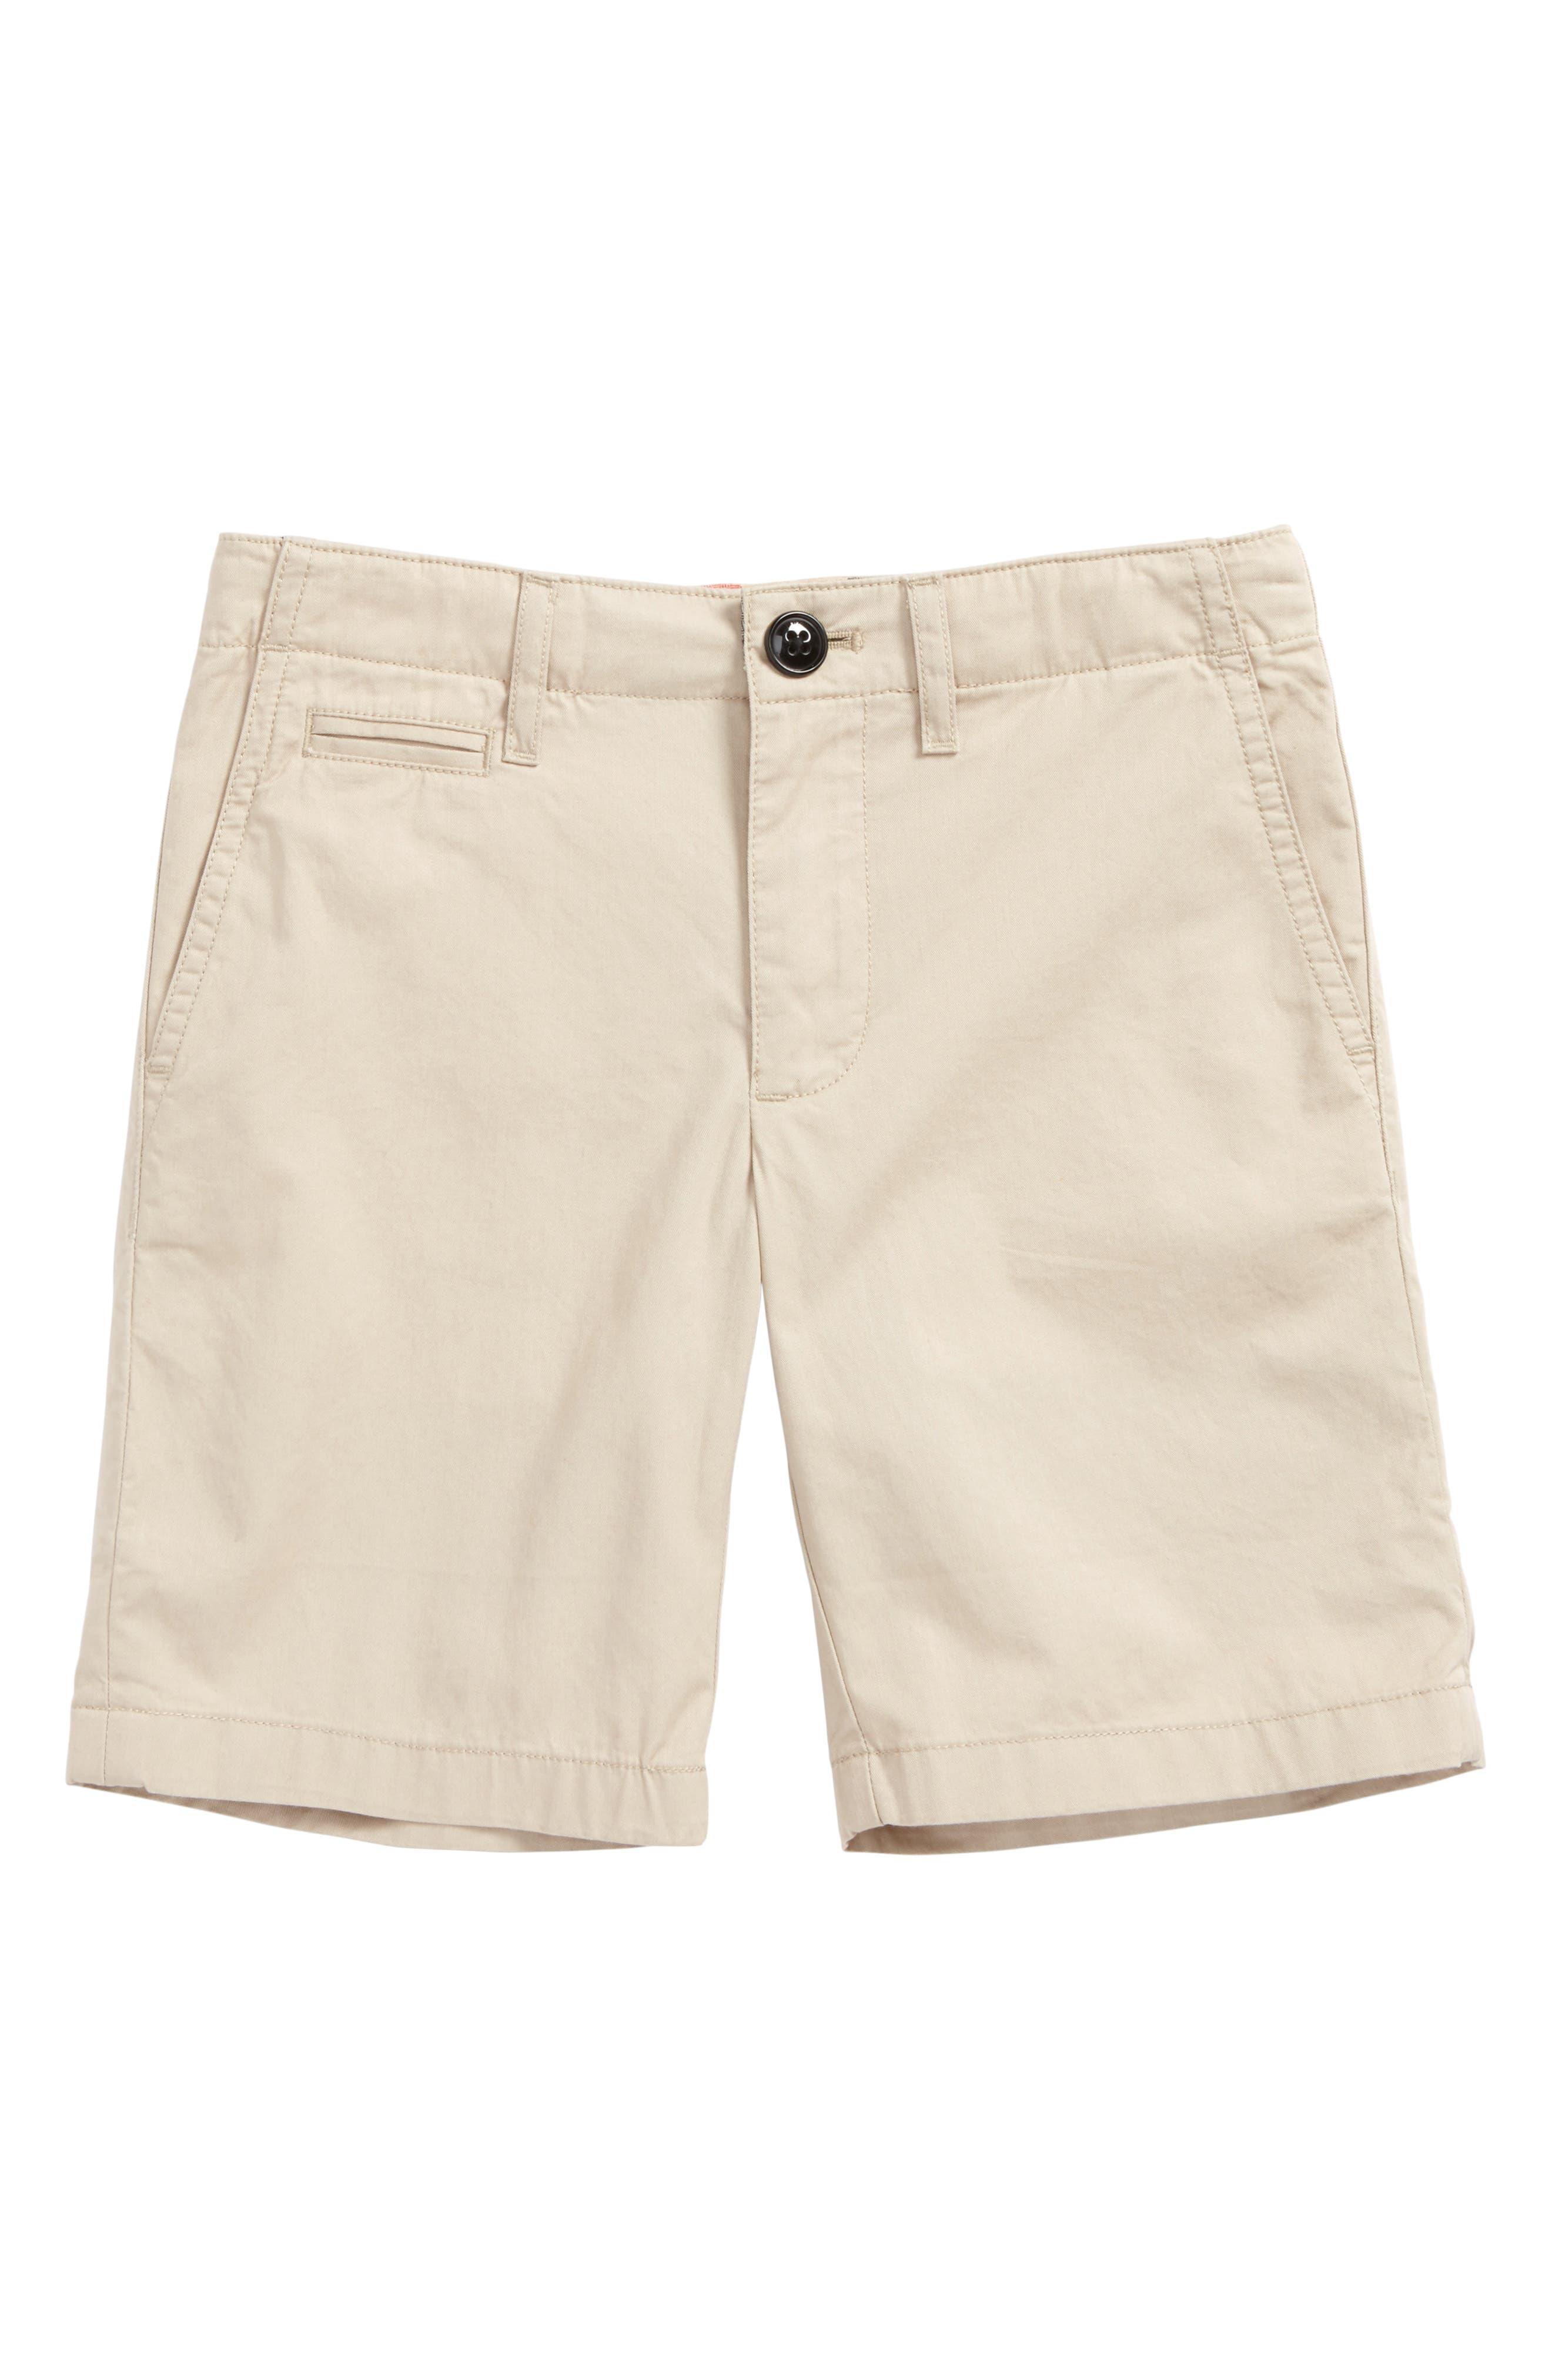 Tristen Shorts,                         Main,                         color,